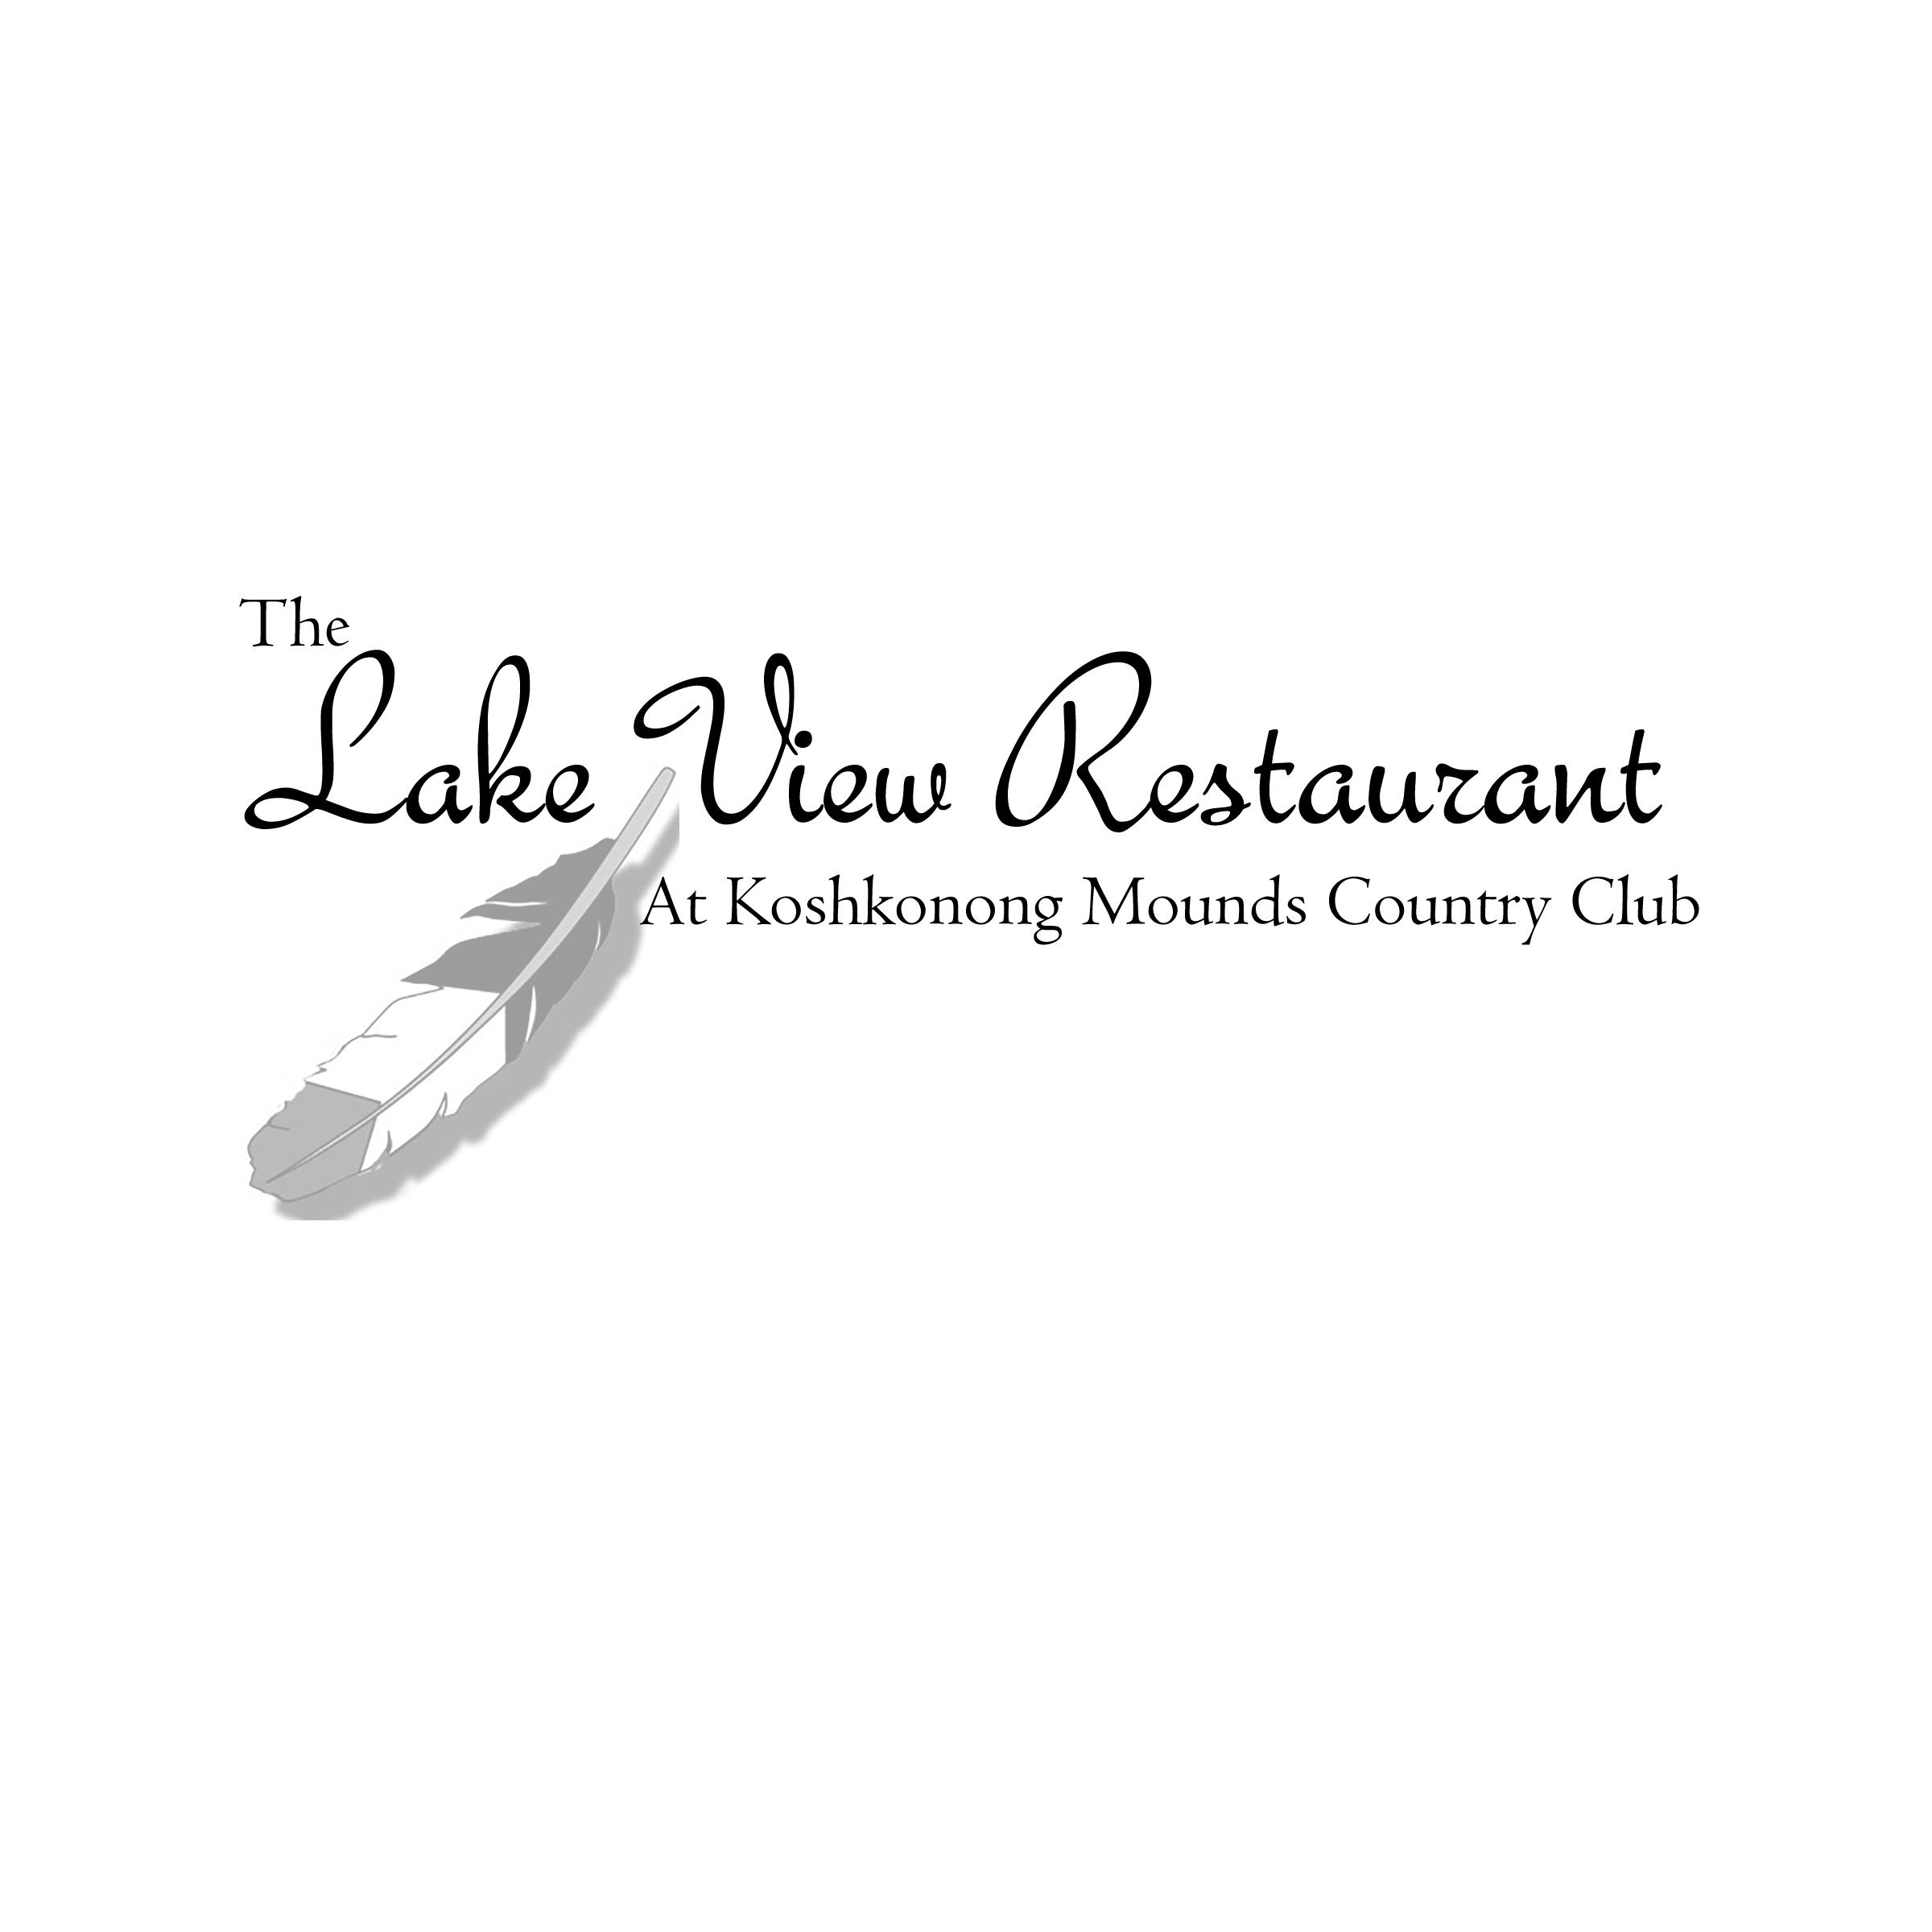 Lakeview Restaurant logo.jpg